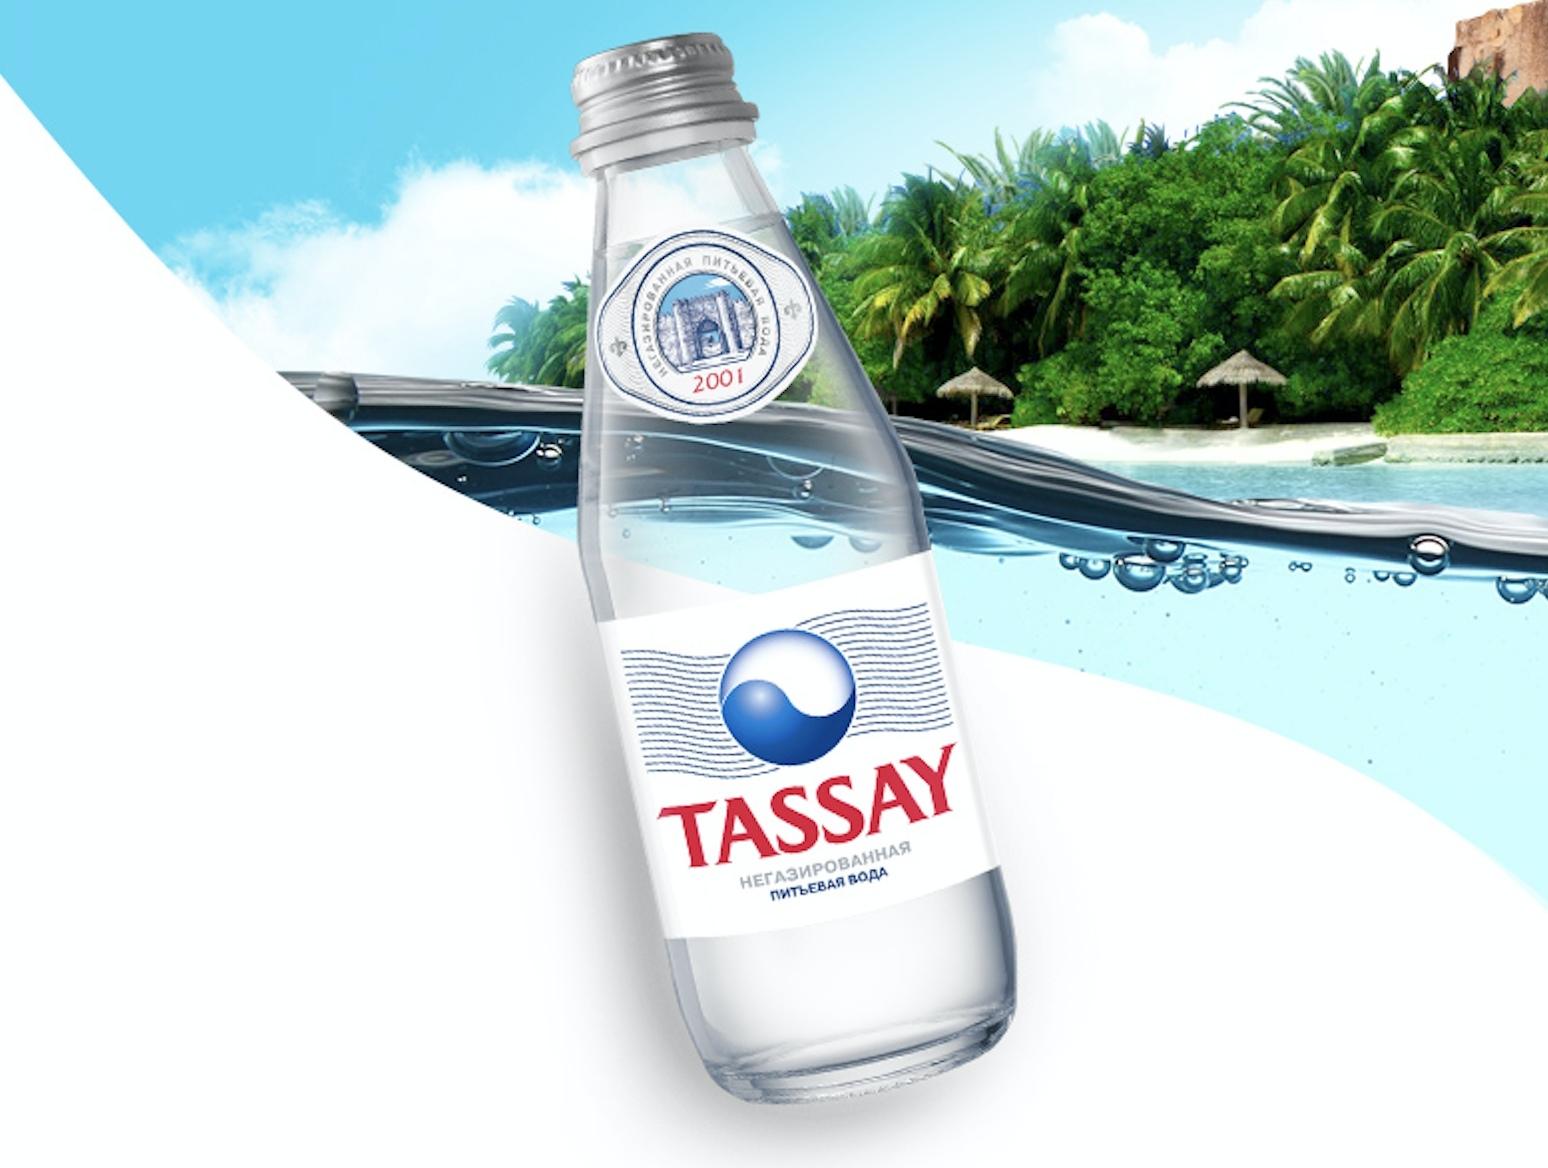 Природная натуральная вода TASSAY - официальный партнёр Лиги!